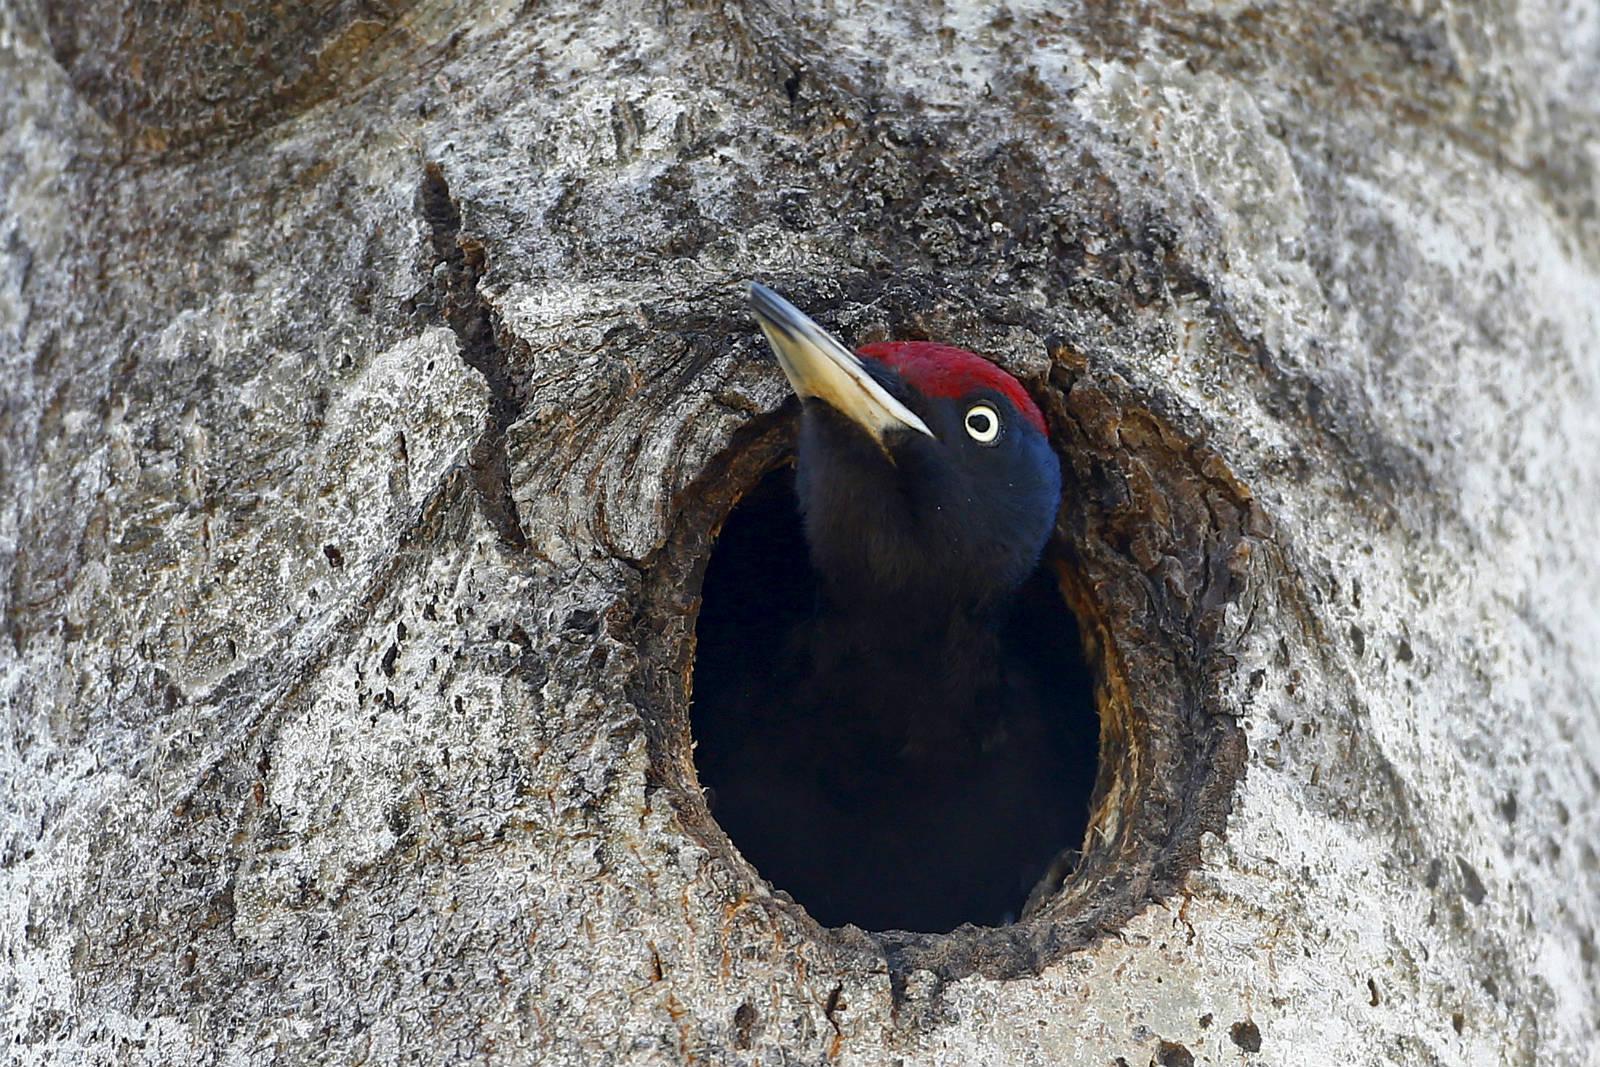 Babchin 村附近亦有啄木鳥從樹洞探出頭來。 圖片來源:路透社